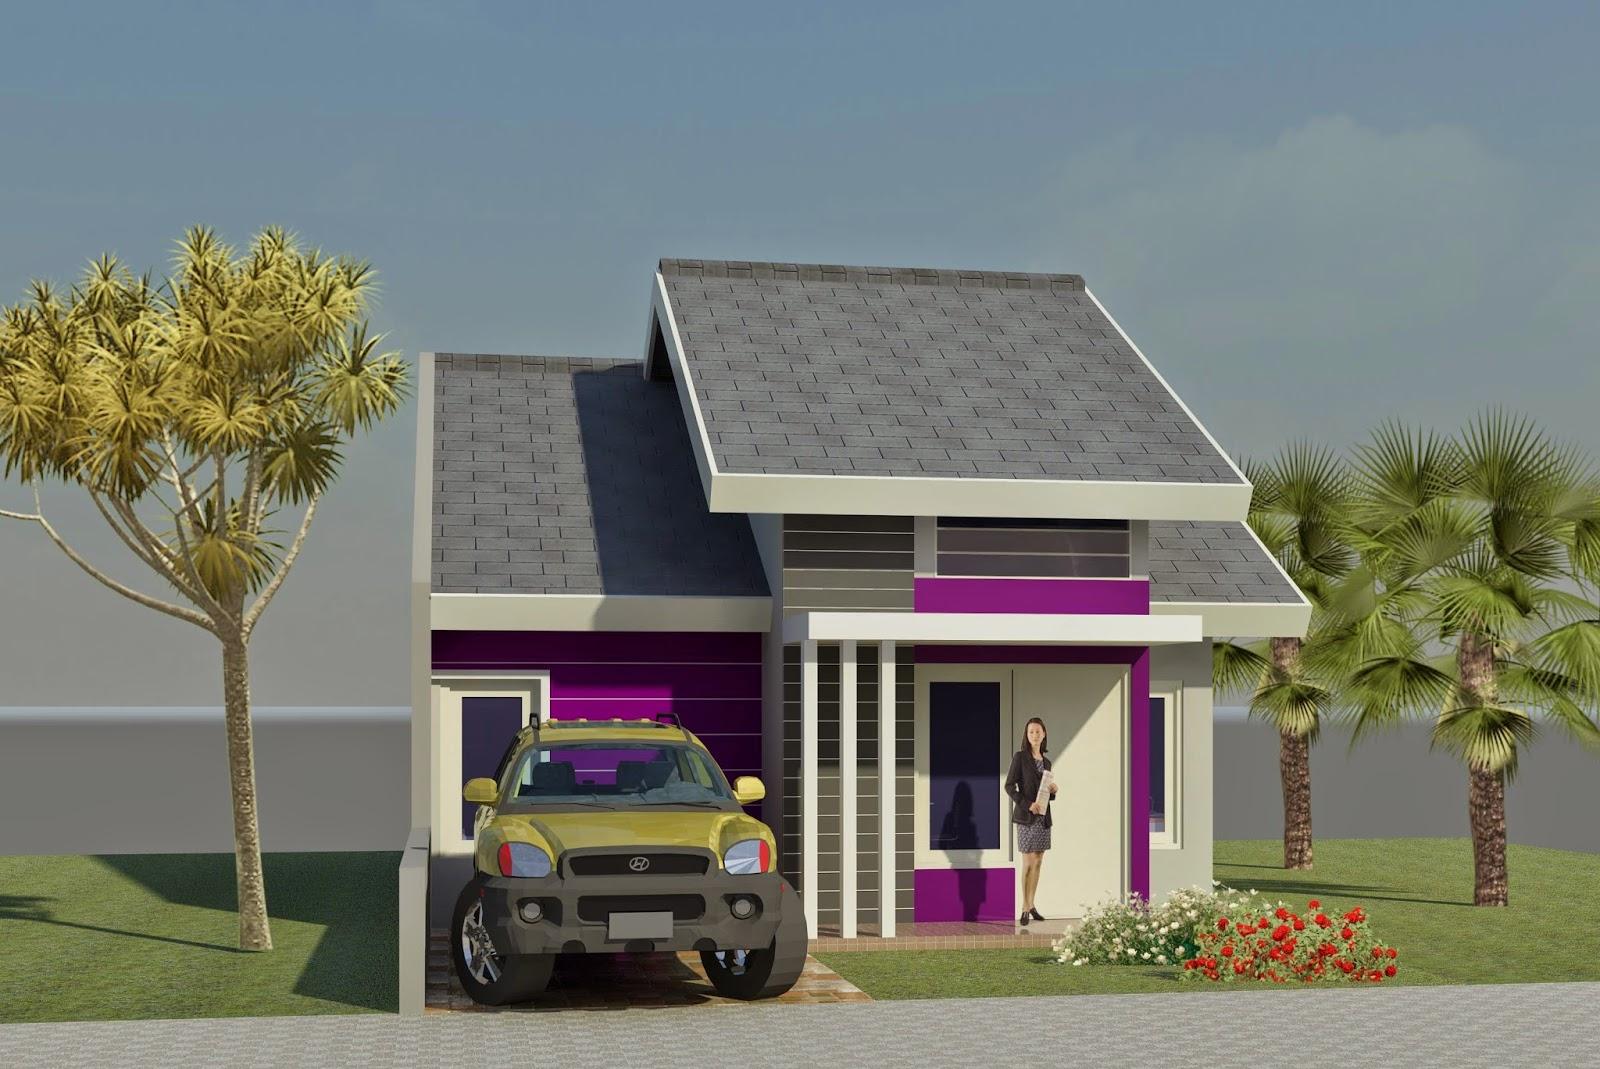 gambar rumah sederhana minimalis yang terlihat mewah